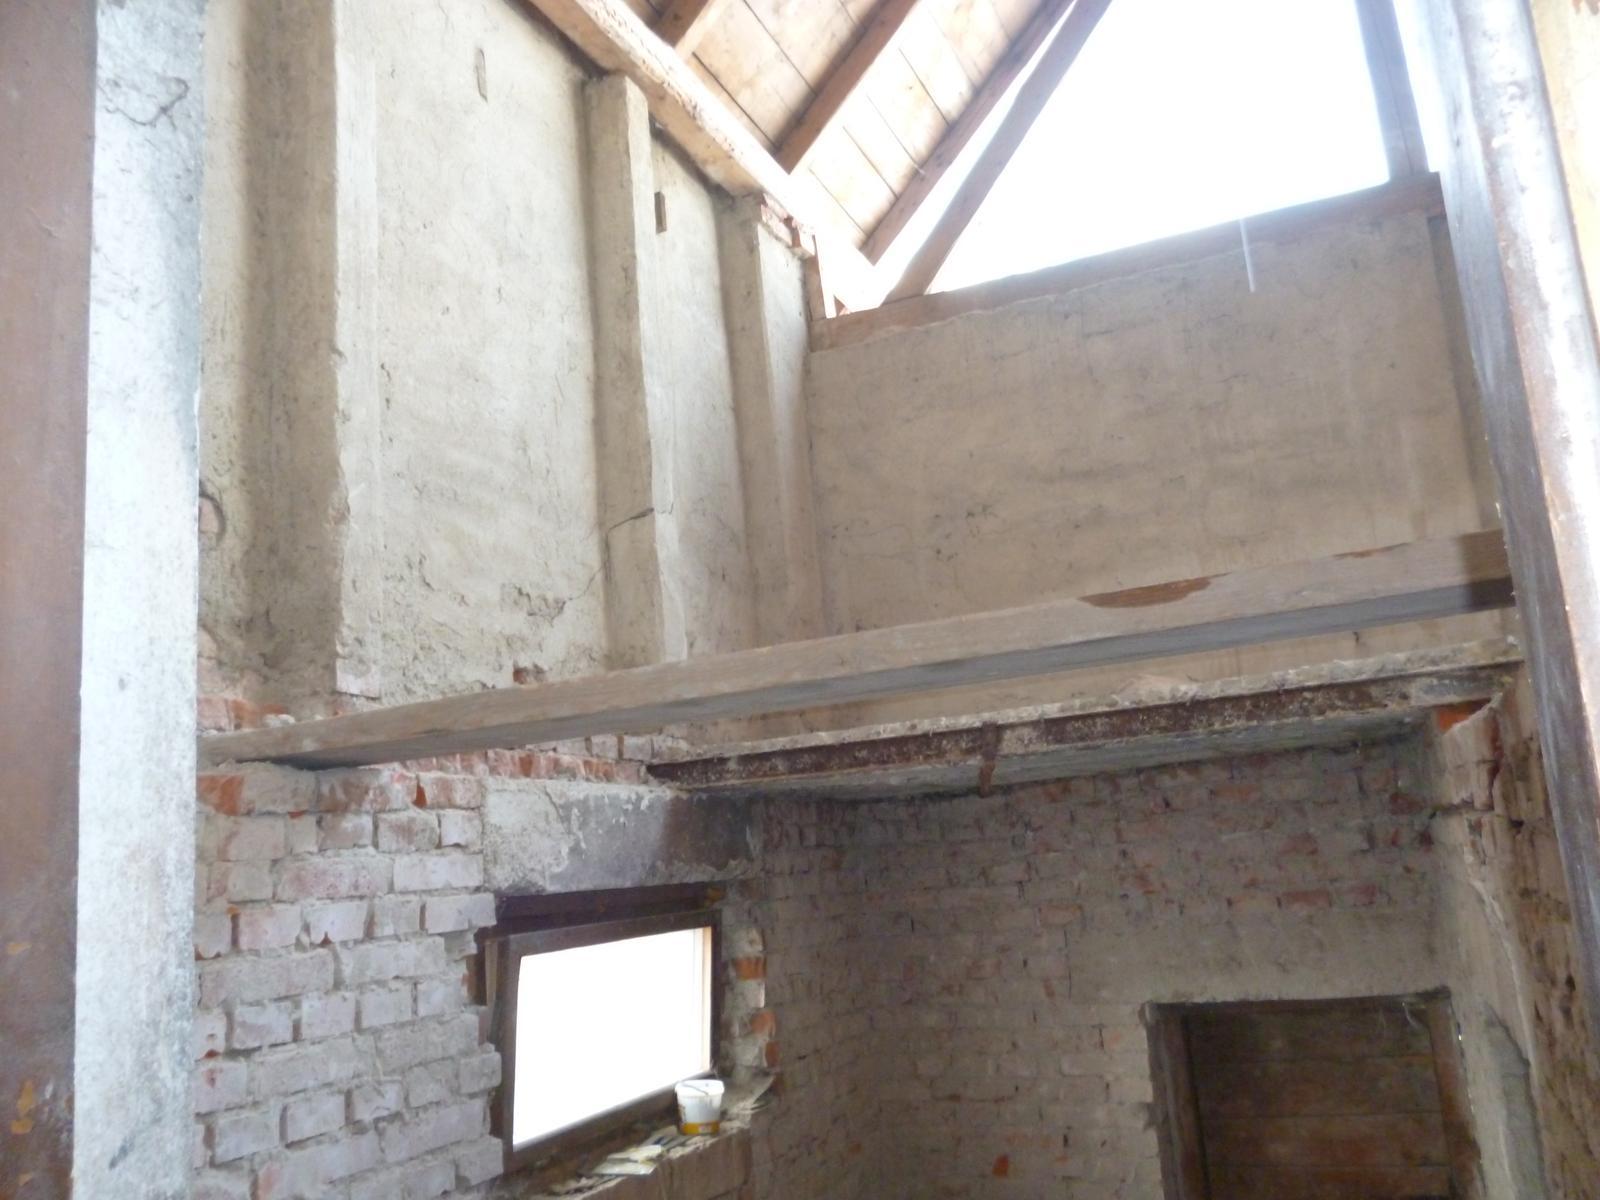 *Sen-stavba-dom-domov * - priestor pre budúce schodisko a medziposchodie